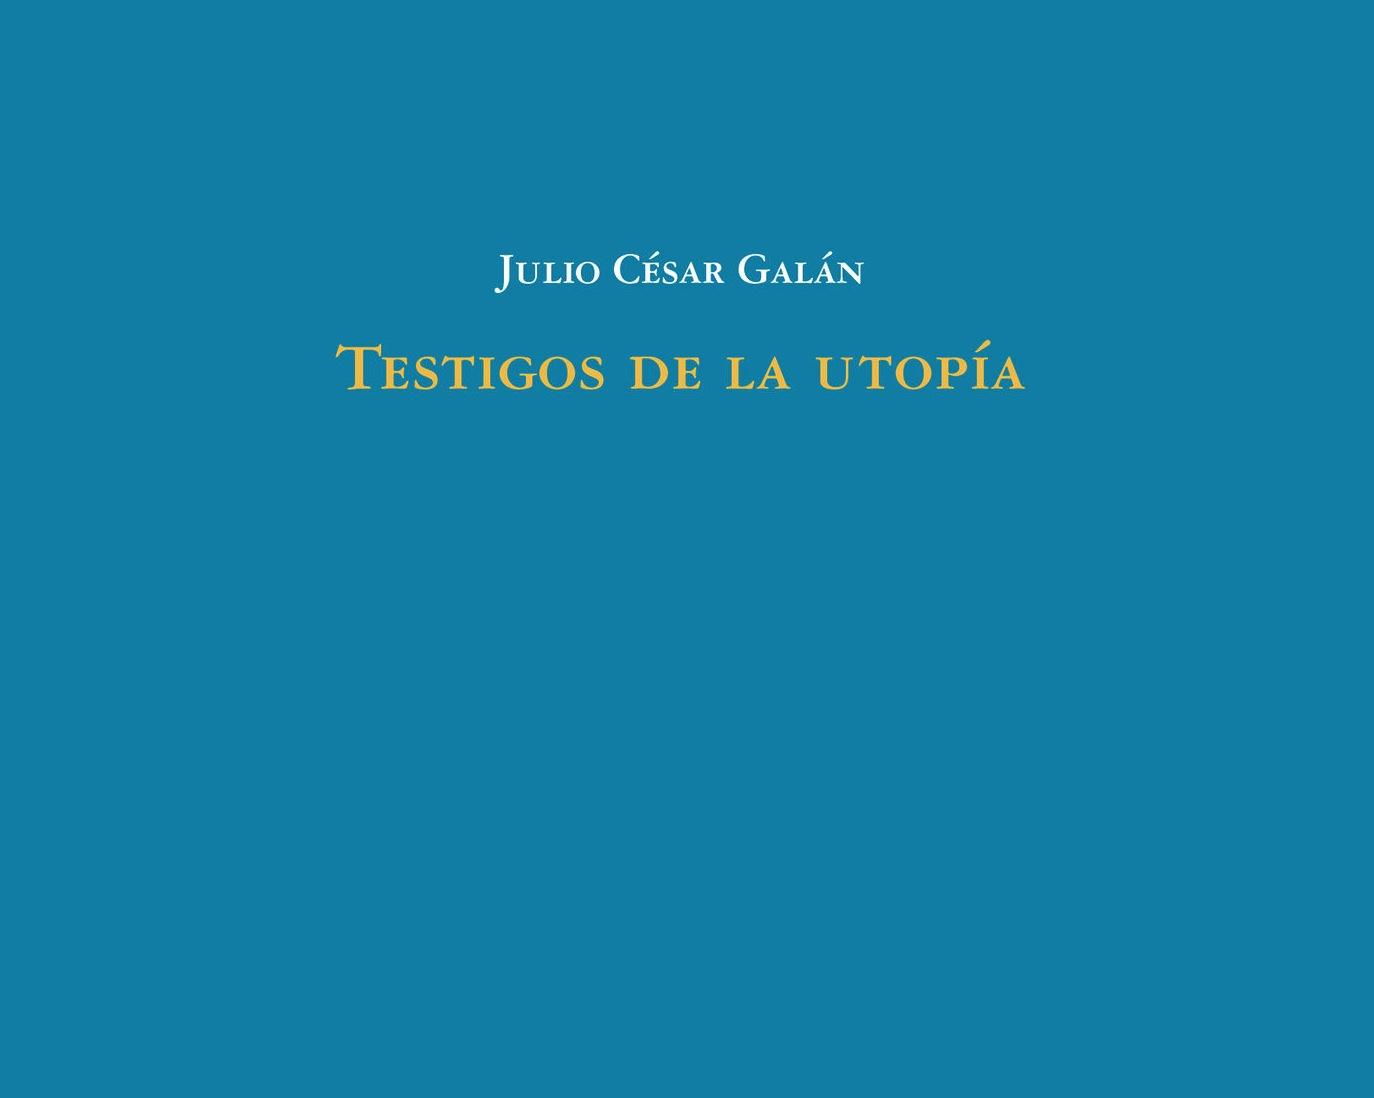 """Julio César Galán: """"Testigos de la utopía"""""""